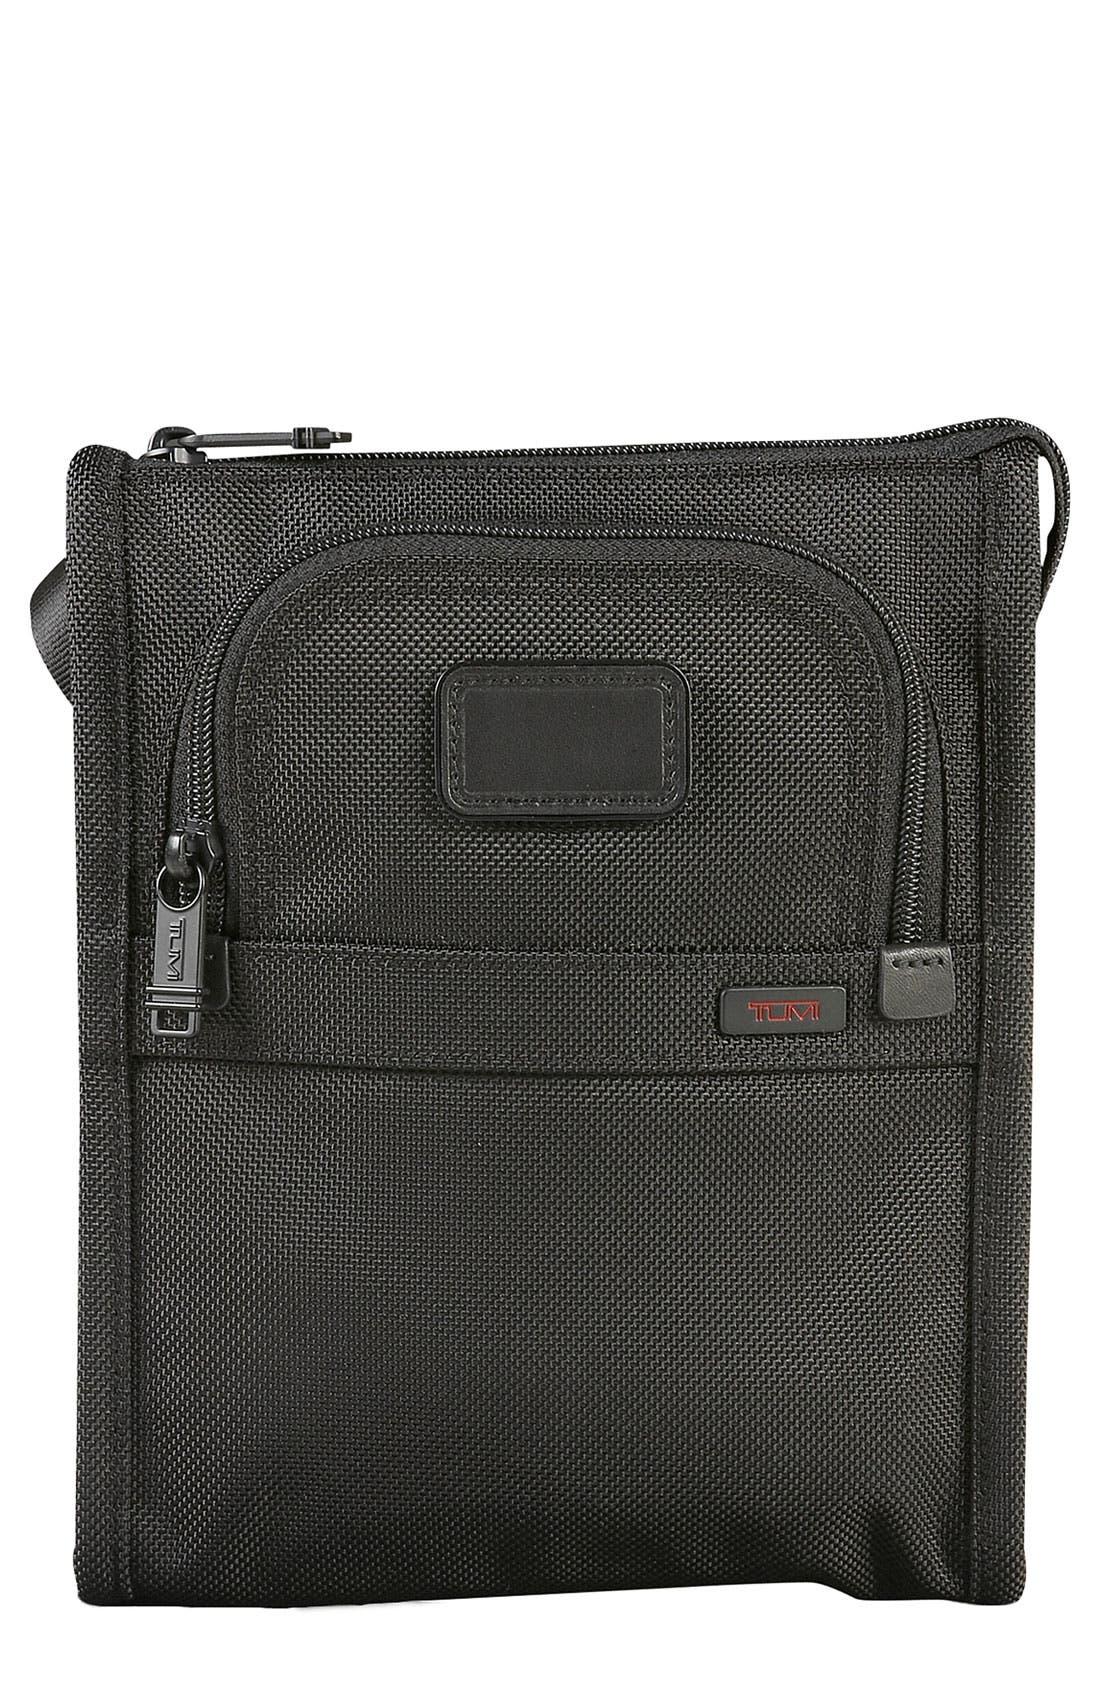 Main Image - Tumi 'Small Alpha' Crossbody Pocket Bag